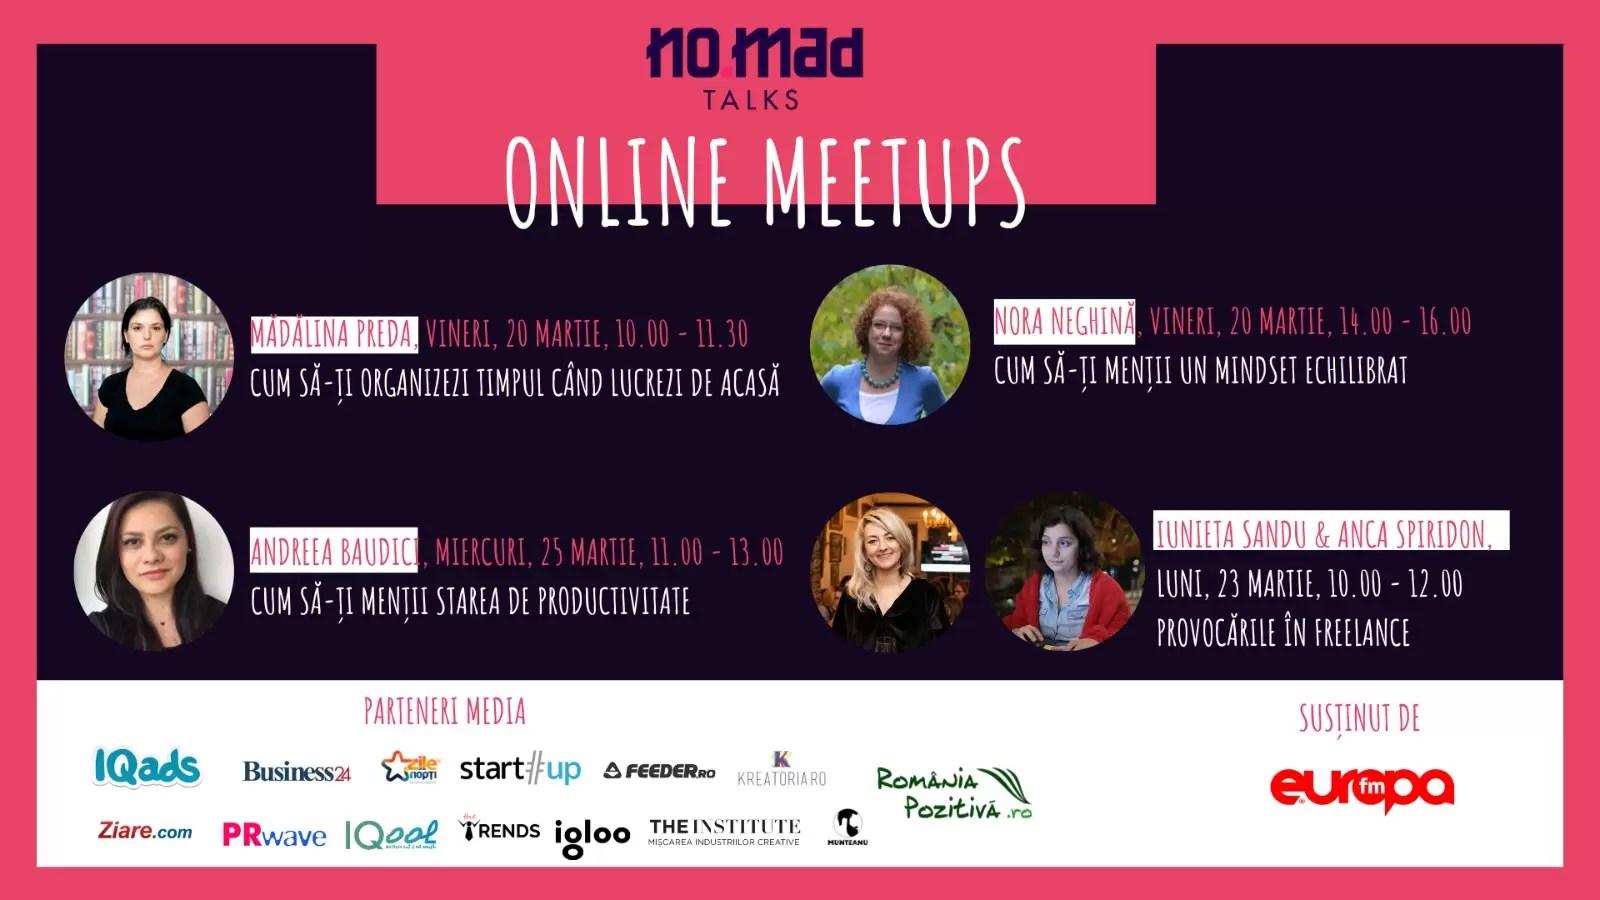 NO.MAD Talks lansează Online Meetups afiș